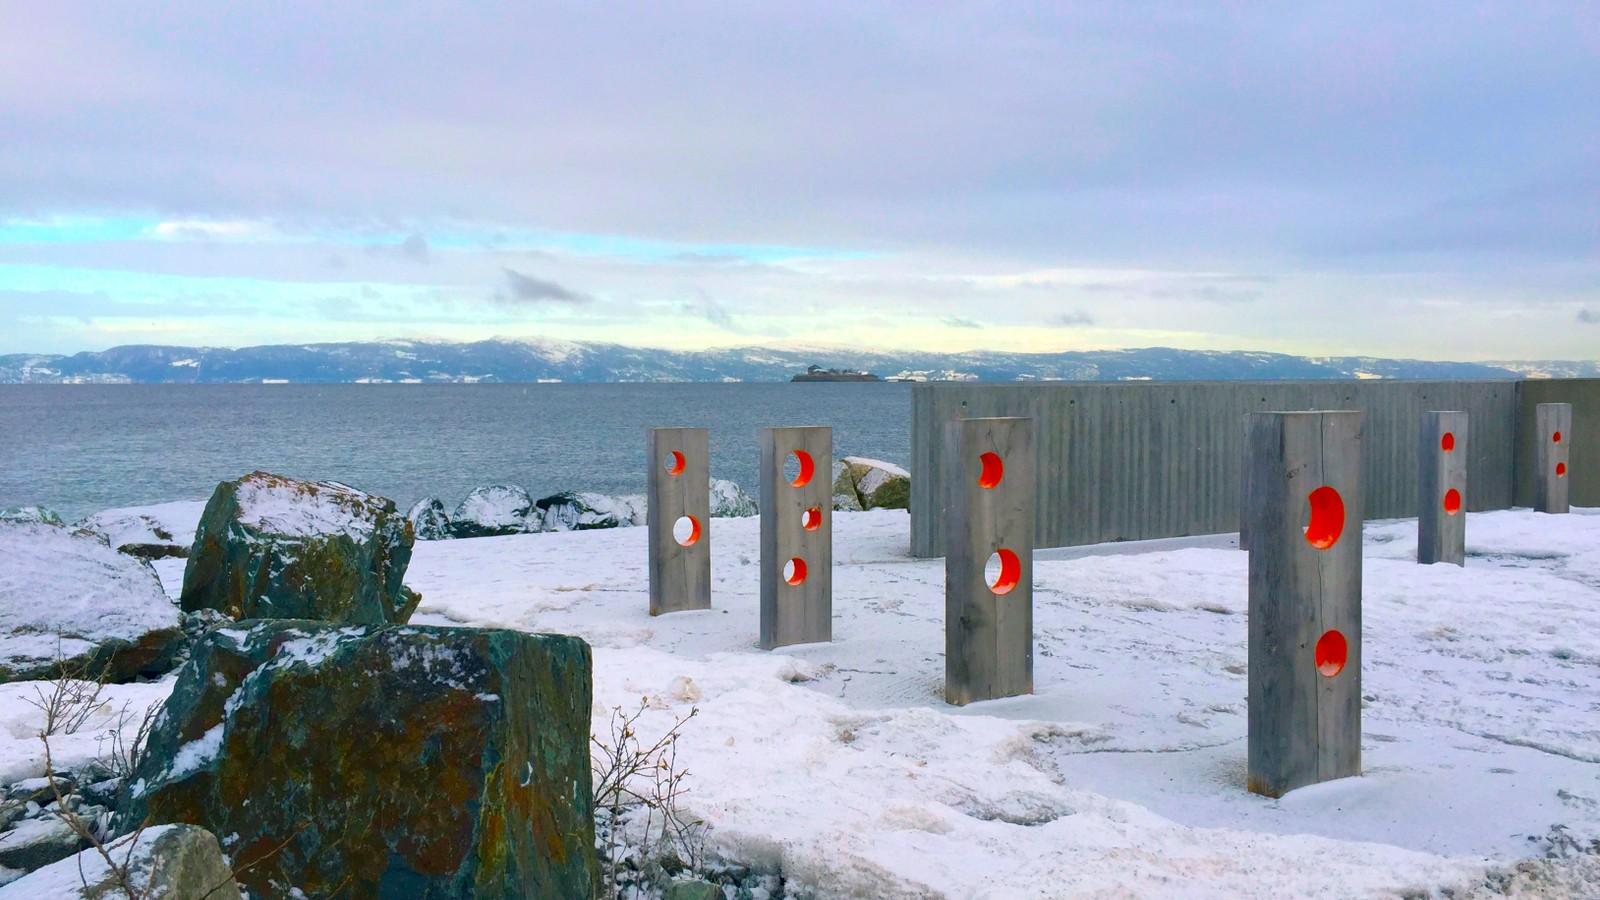 Friområdet på Brattøra, Trondheim